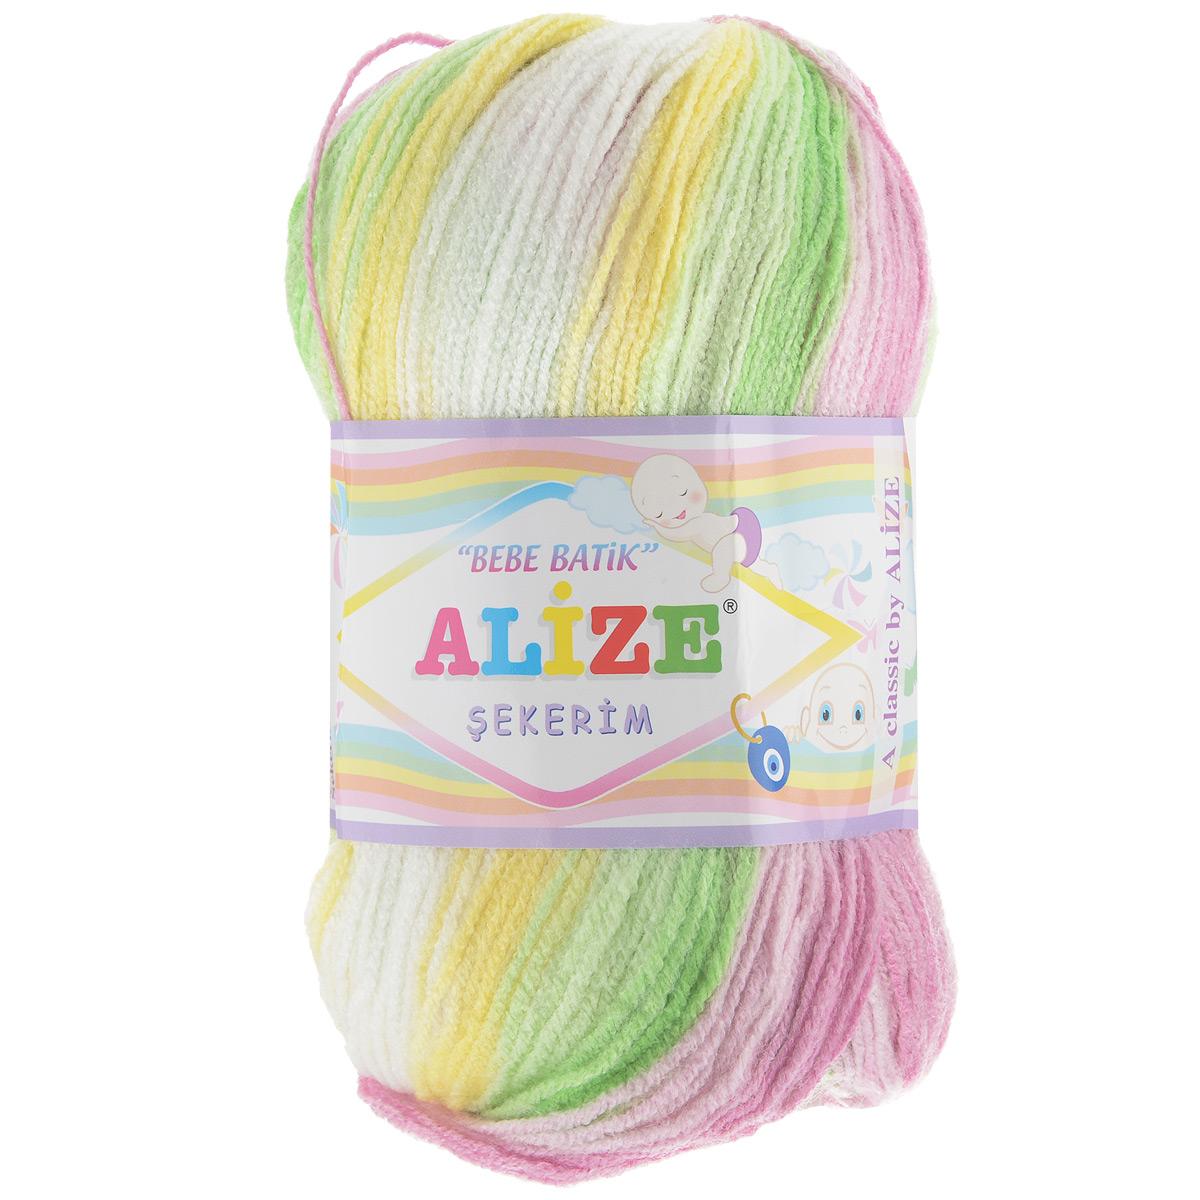 Пряжа для вязания Alize Sekerim Bebe Batik, цвет: белый, зеленый, розовый (3067), 320 м, 100 г, 5 шт364106_3067Пряжа для вязания Alize Sekerim Bebe Batik изготовлена из акрила. Фантазийная пряжа для ручного вязания отлично подойдет для детских вещей. Ниточка мягкая и приятная на ощупь. Подходит для вязания спицами и крючком. Рекомендованные спицы 3-4 мм и крючок для вязания 2-4 мм. Состав: 100% акрил.